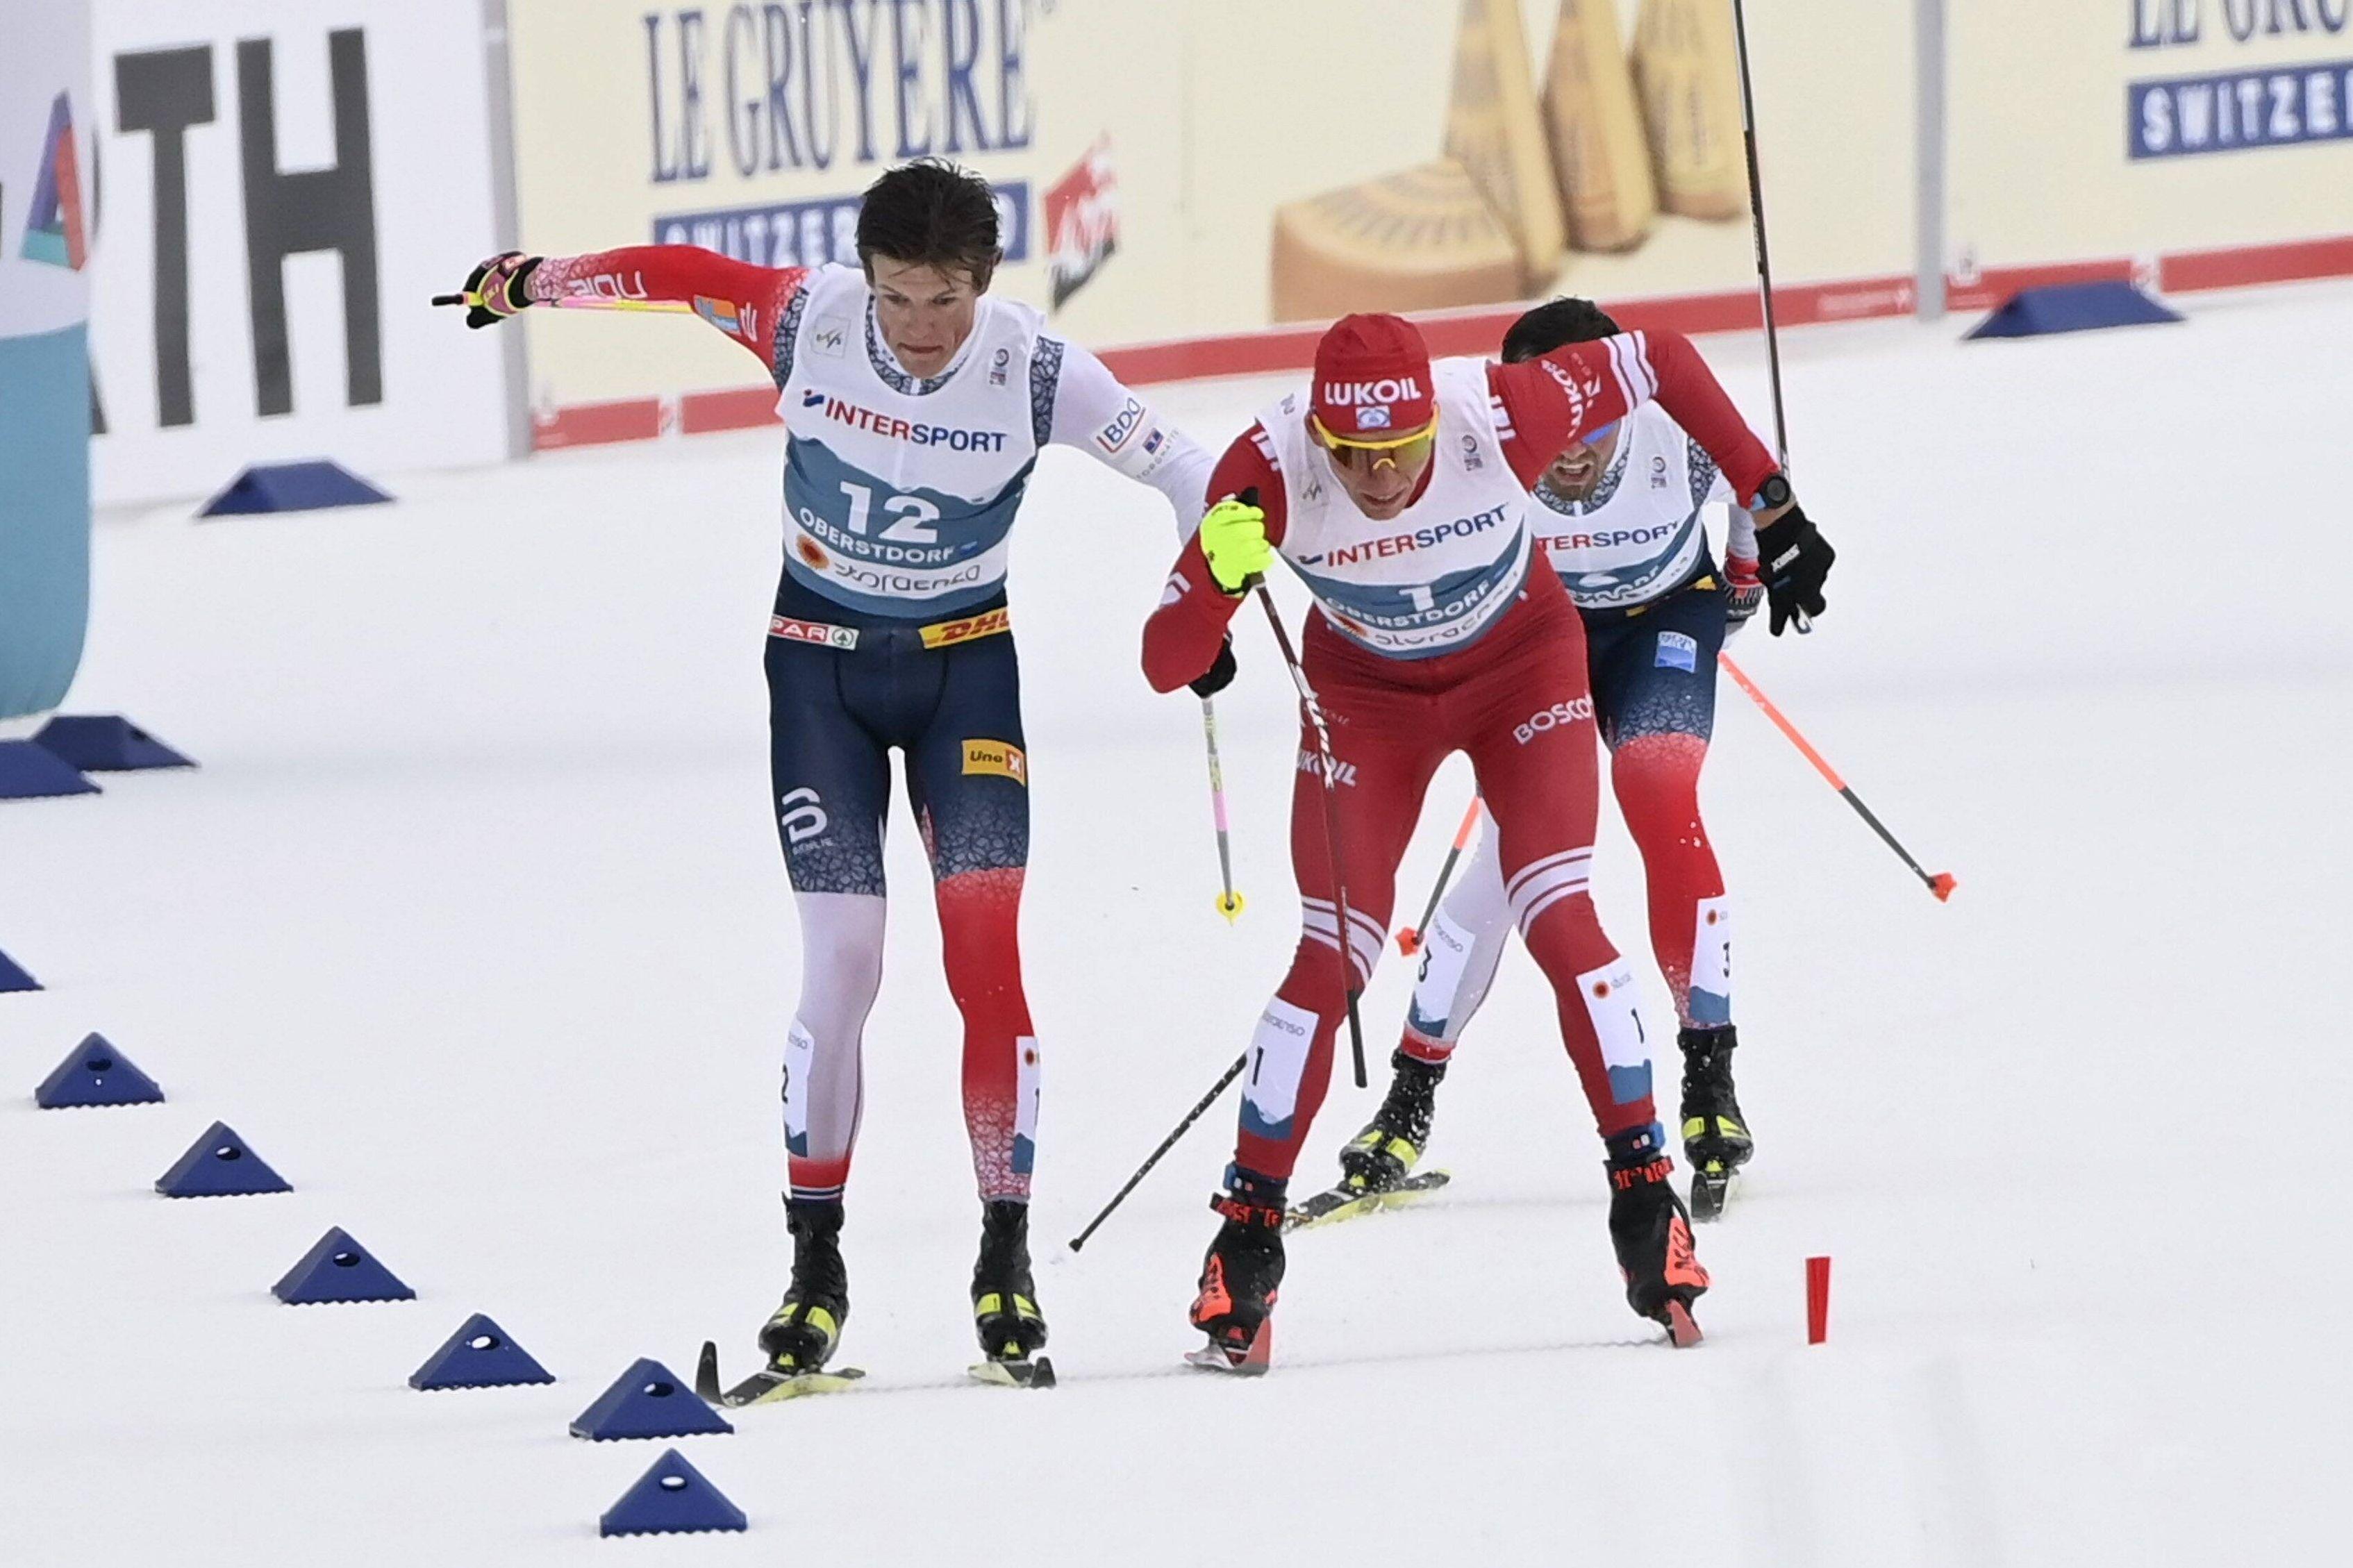 Иродов считает, что Клебо был способен победить Большунова в марафоне на ЧМ, если бы не было нарушений